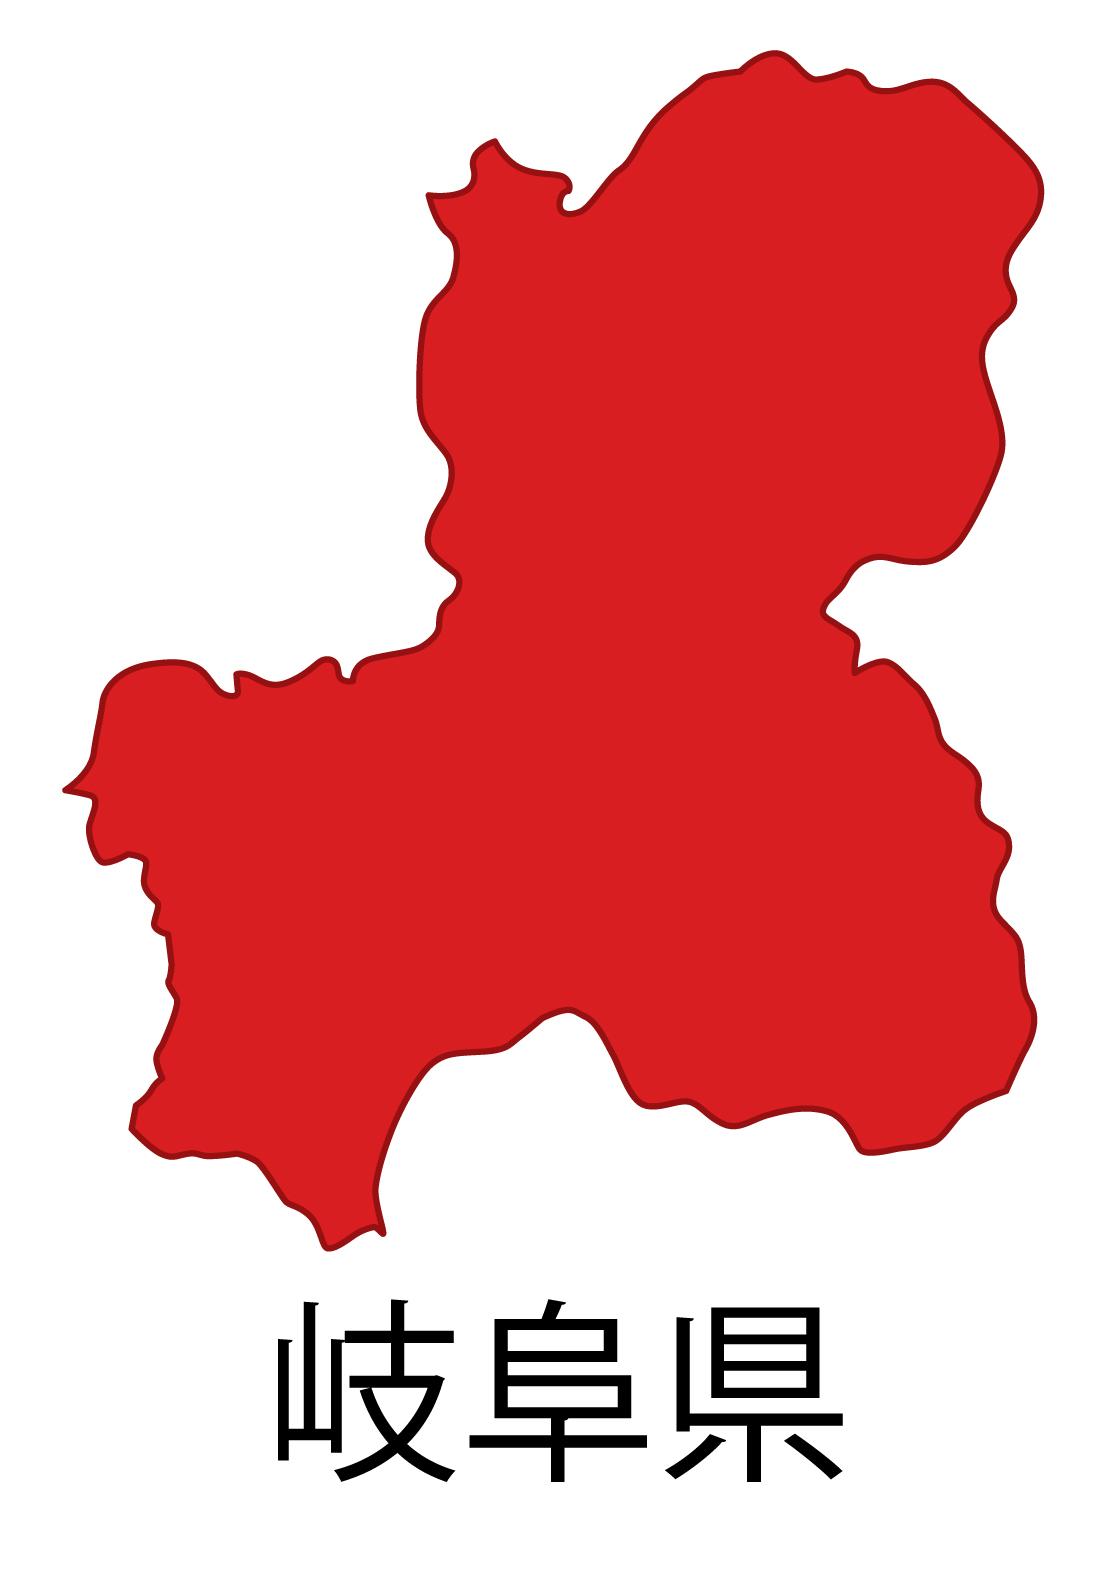 岐阜県無料フリーイラスト|日本語・都道府県名あり(赤)